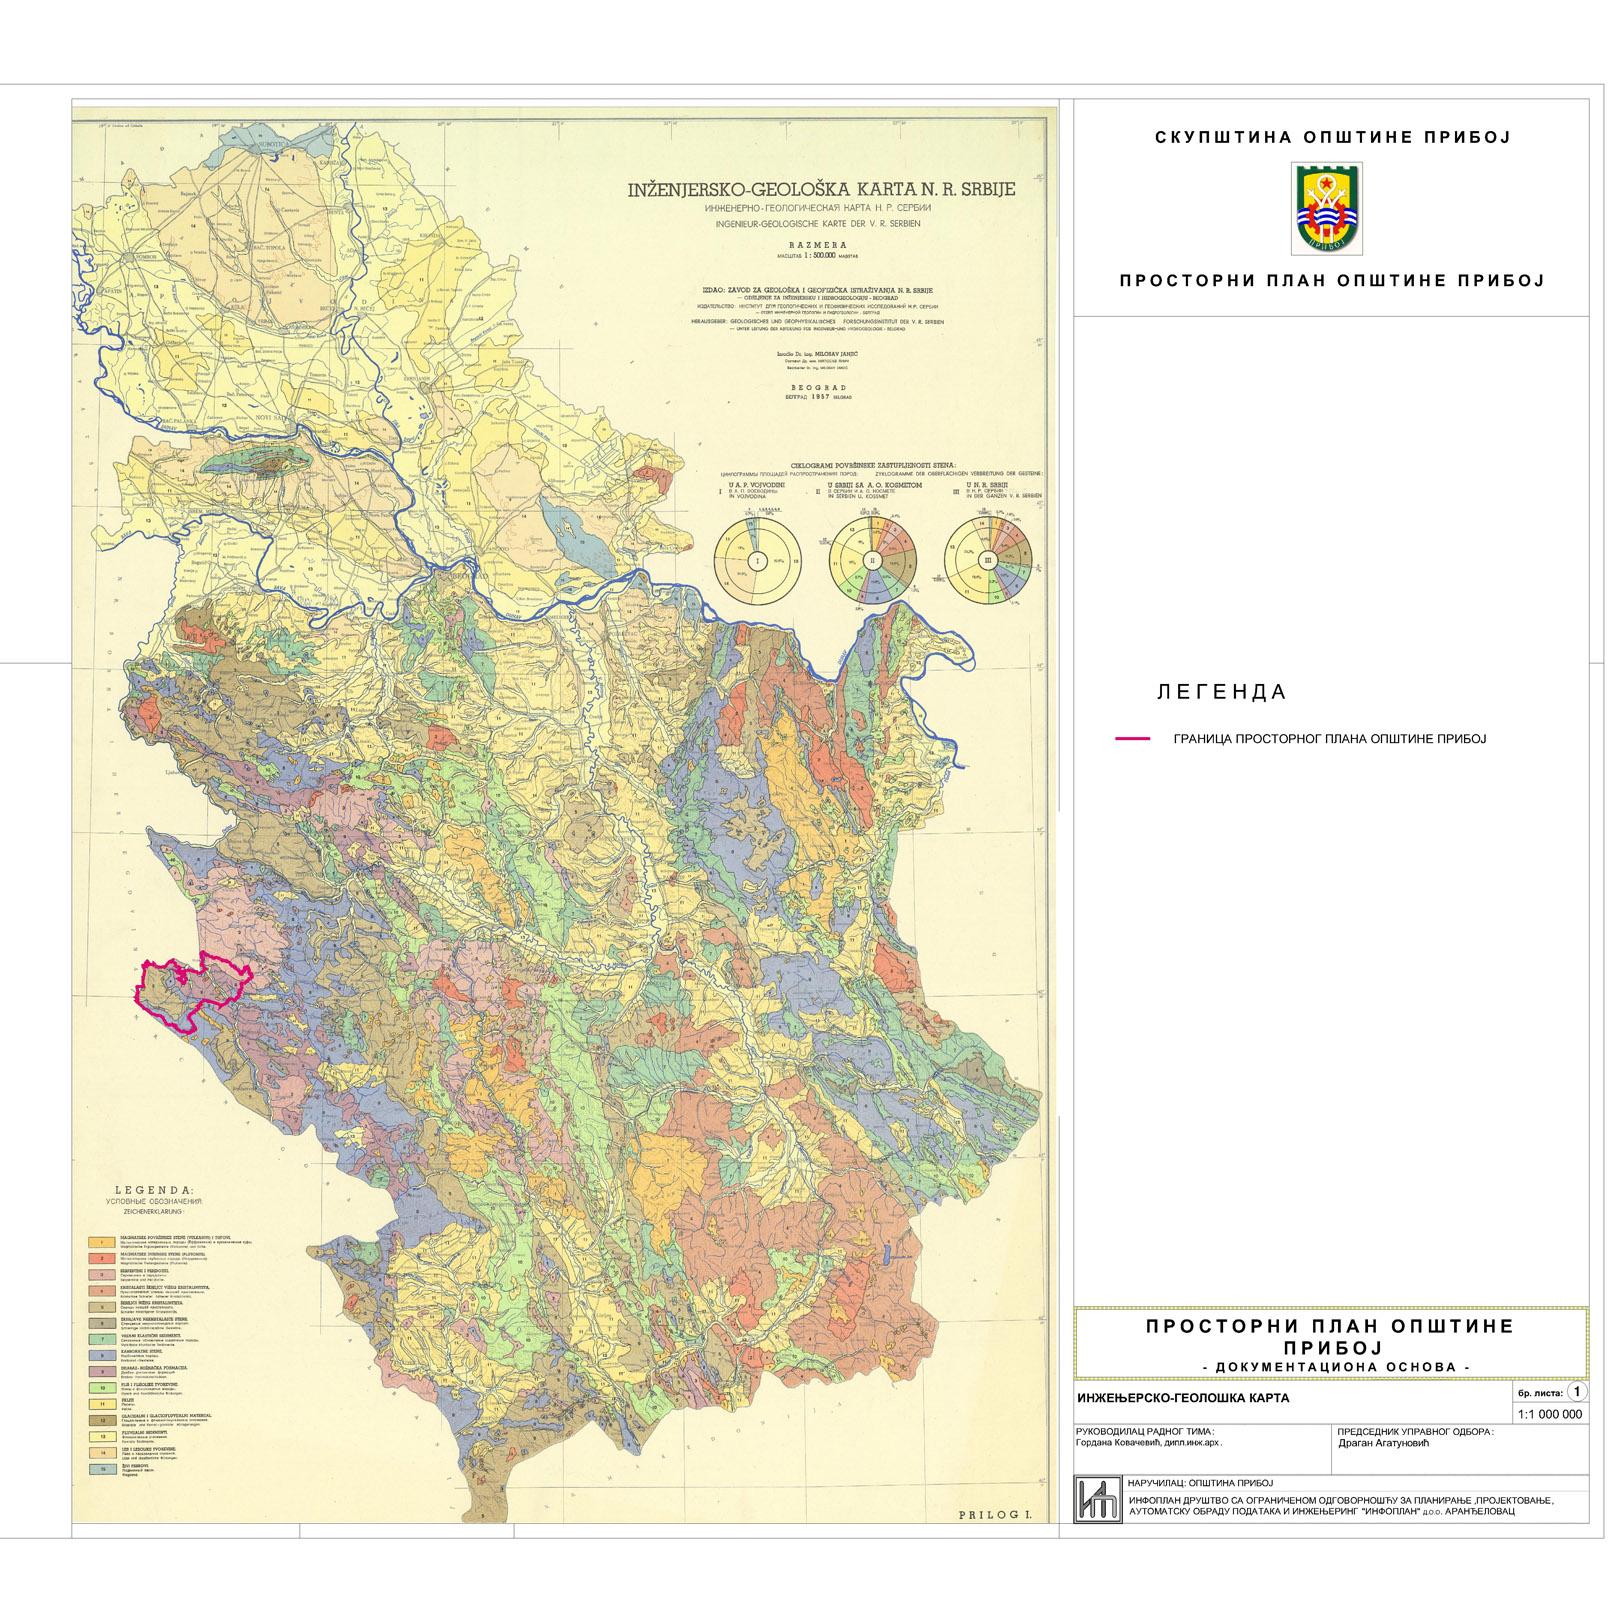 geoloska karta srbije Urbanizam   Општина Прибој geoloska karta srbije